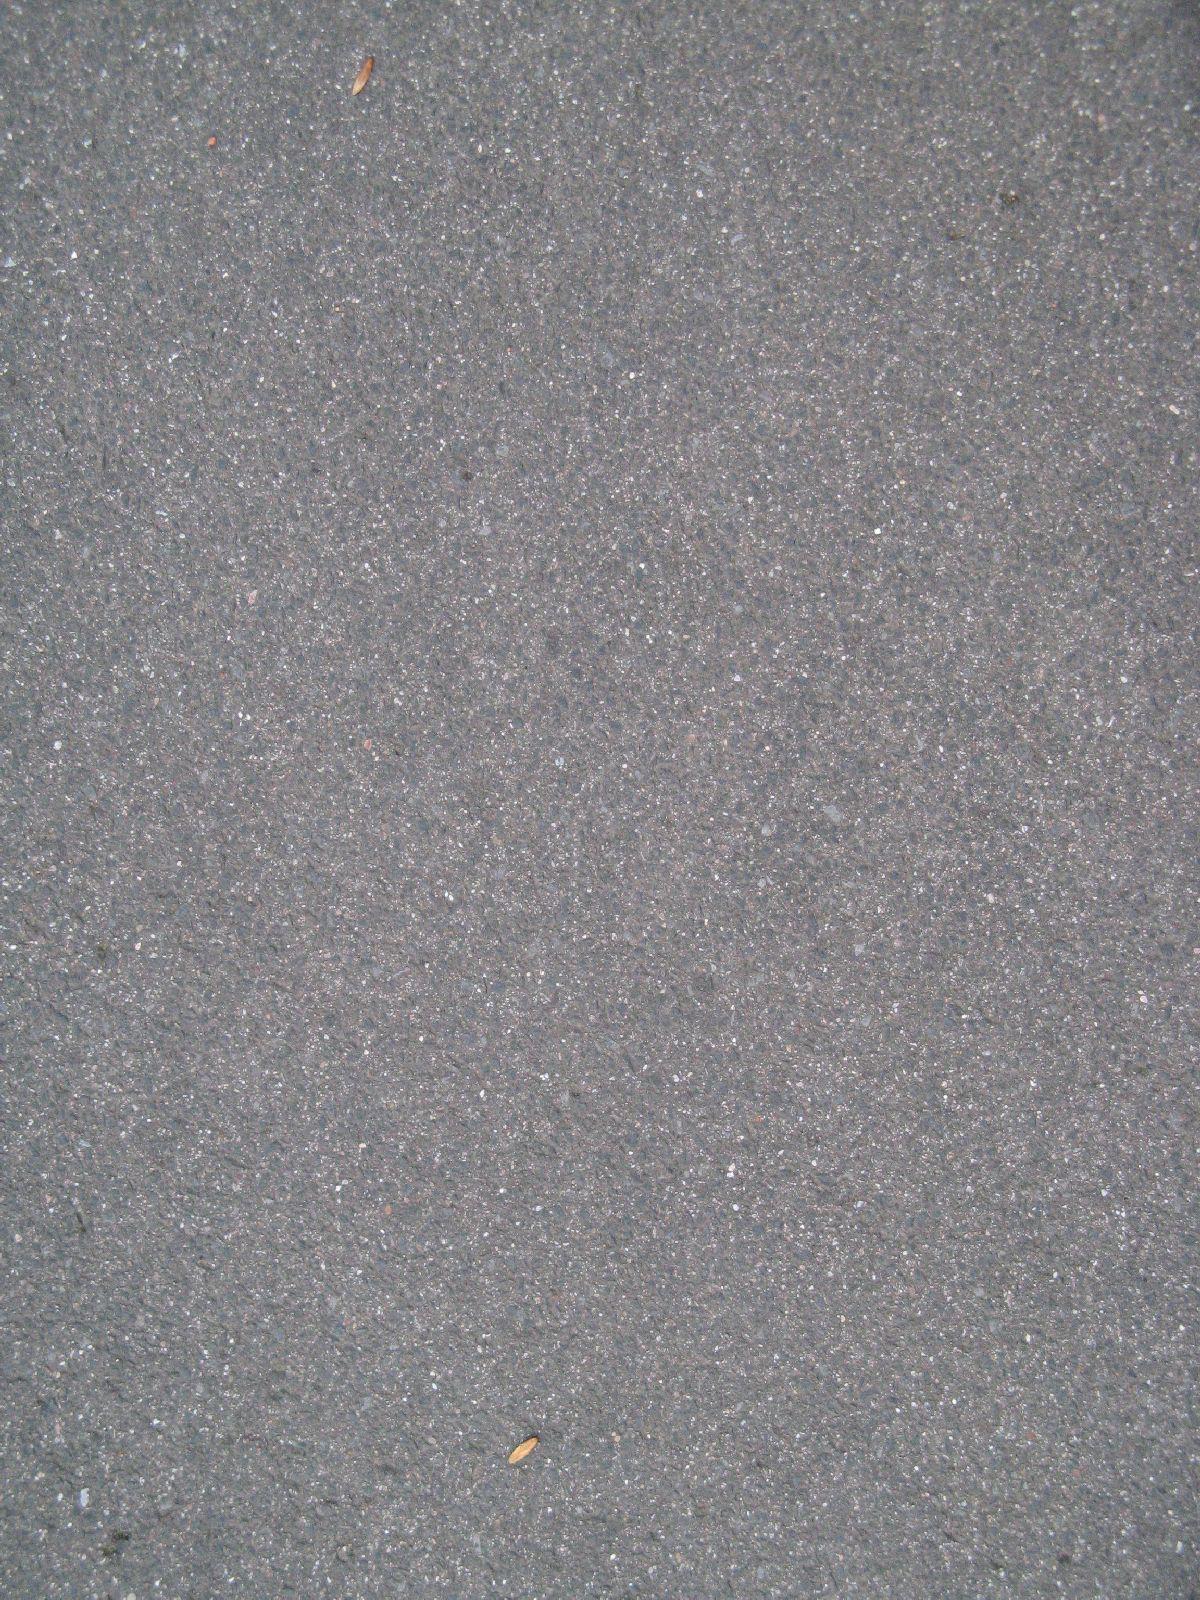 Ground-Urban_Texture_B_02823